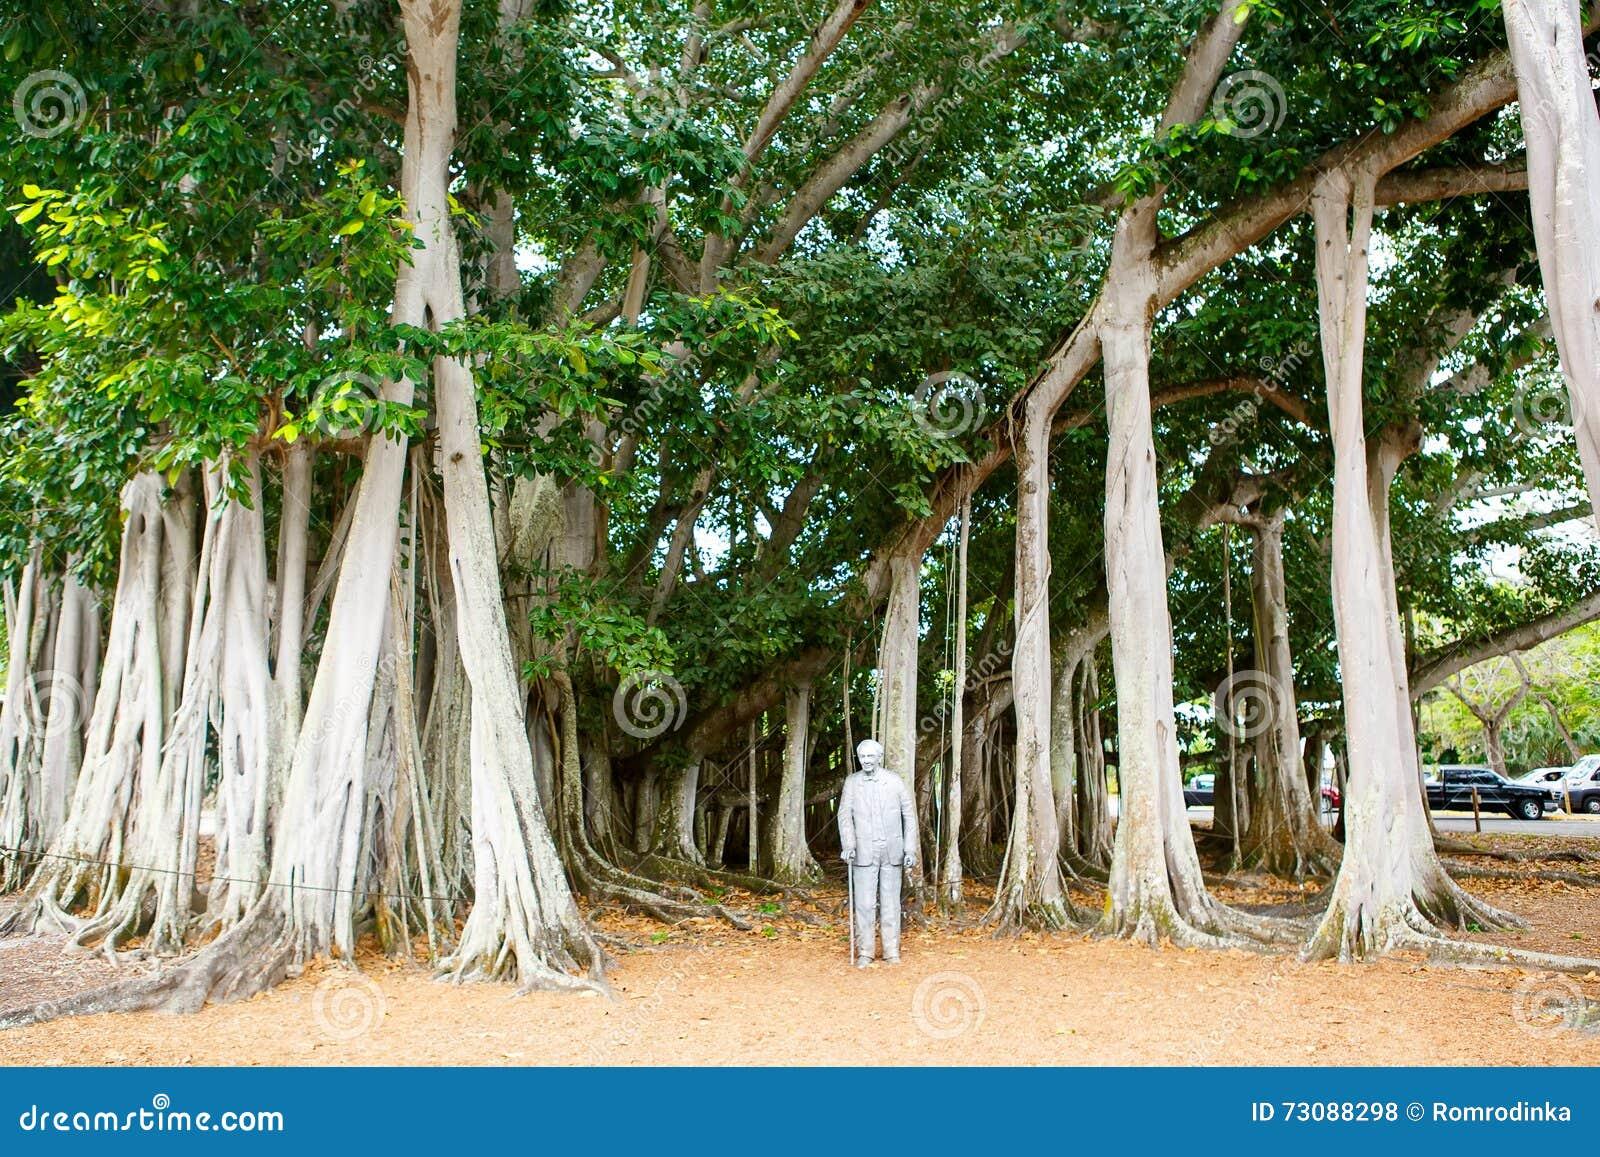 FUERTE MYERS, LA FLORIDA 15 DE ABRIL DE 2016: Fuerte Myers Florida, Thomas Edison